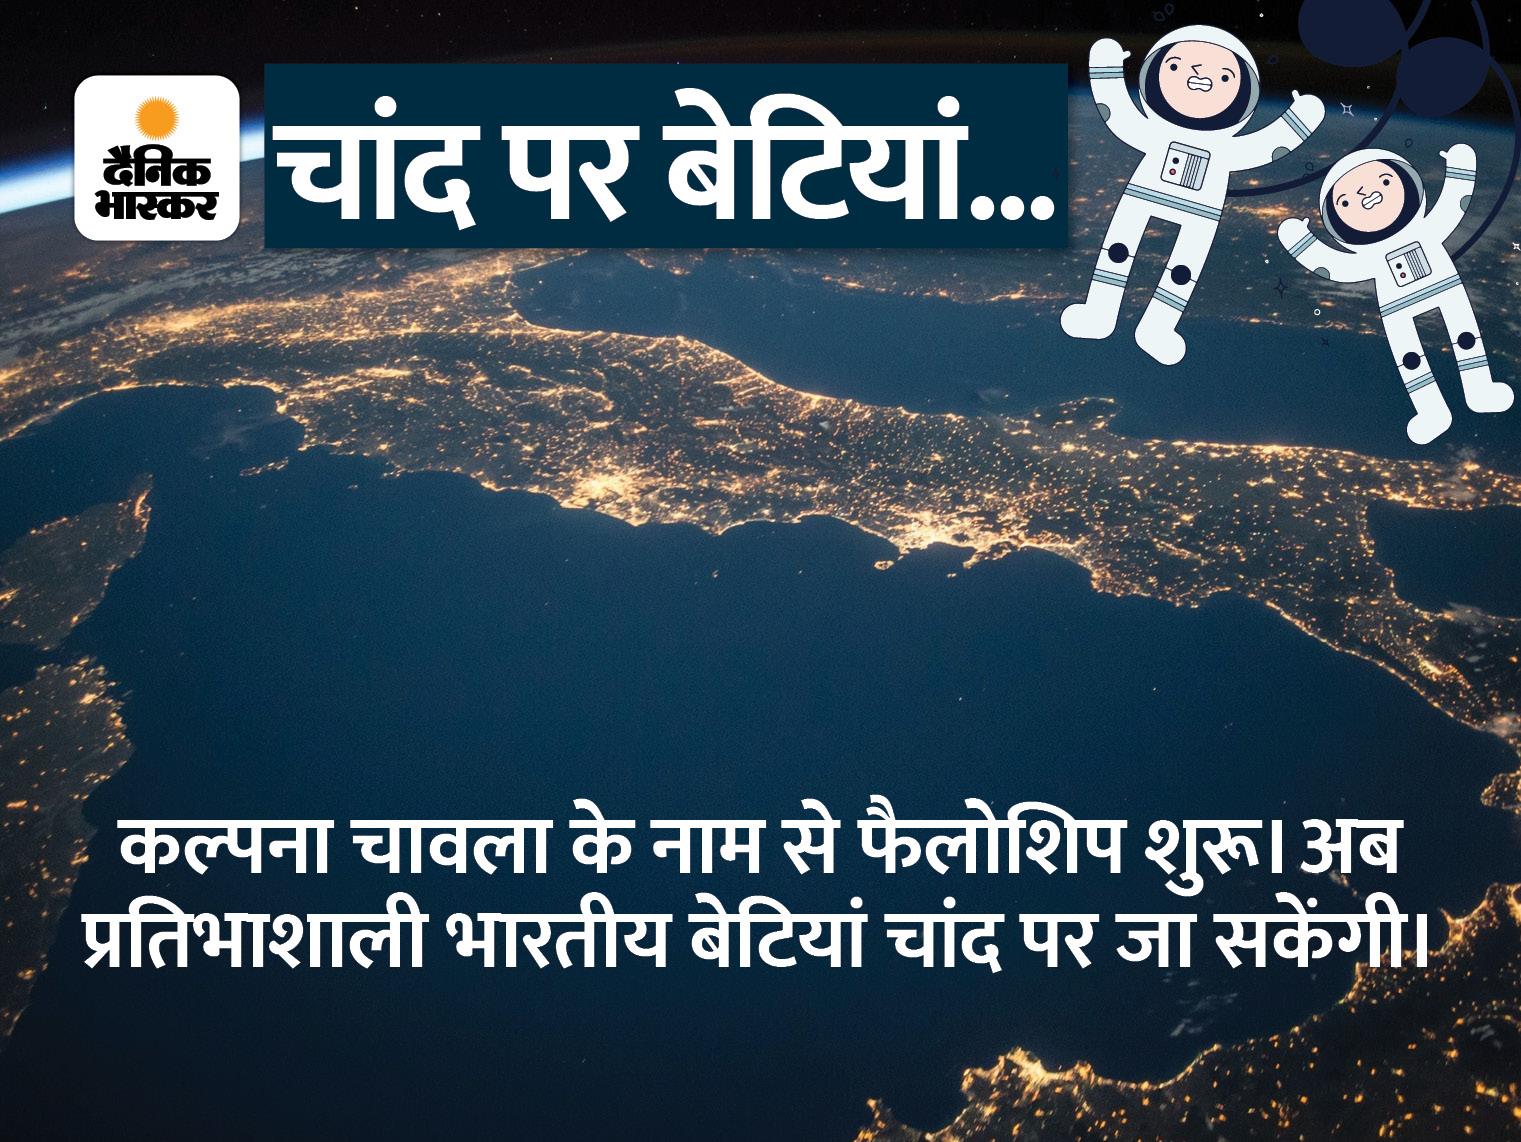 कल्पना चावला फैलोशिप लड़कियों को ले जाएगी चांद पर, फिलहाल स्पेस में पुरुषों का दबदबा, केवल 11 फीसदी स्पेसयात्री ही महिलाएं|वुमन,Women - Dainik Bhaskar